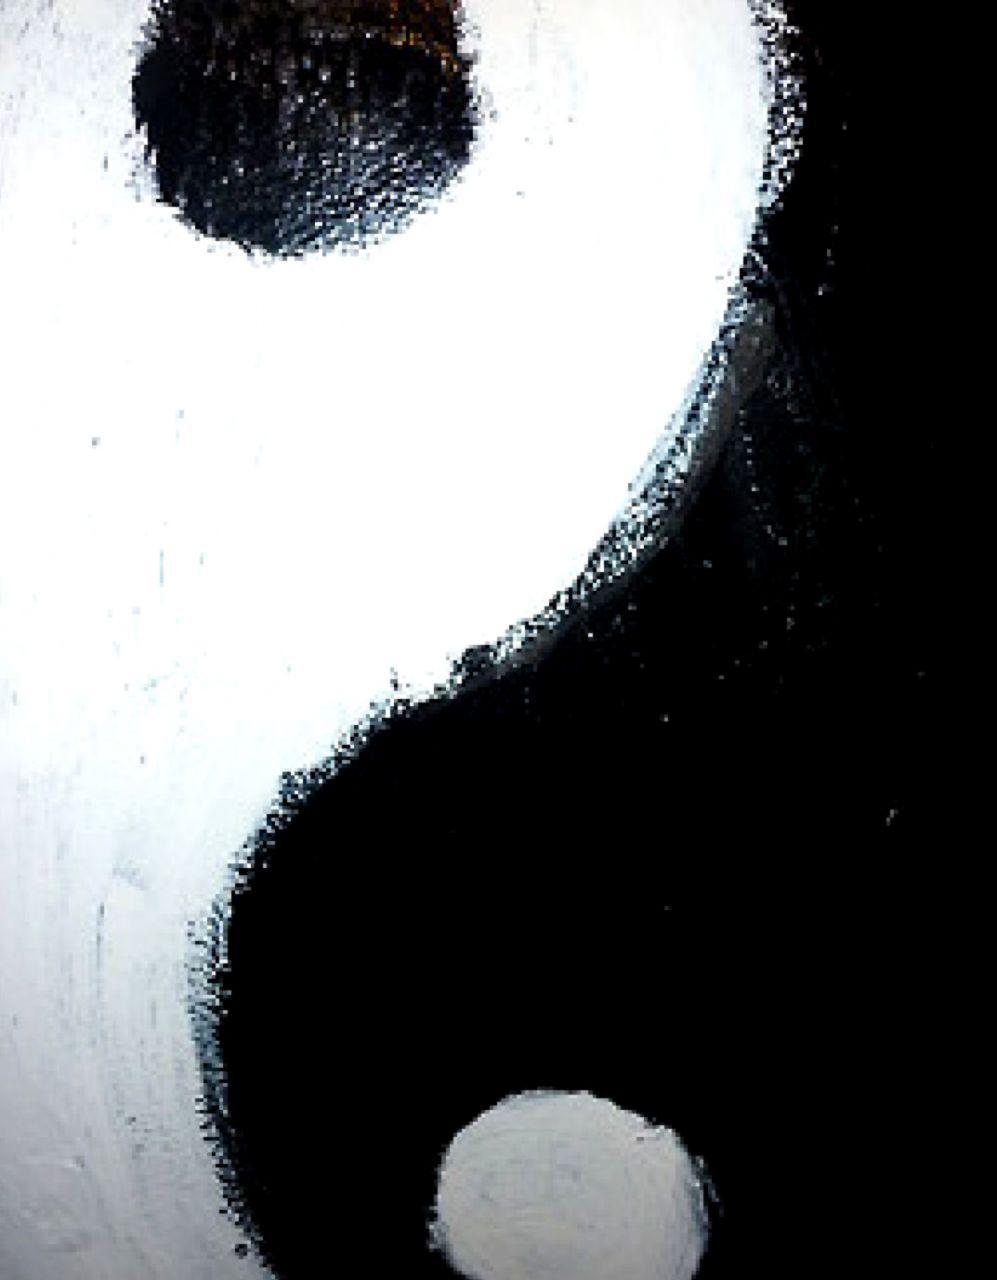 Yin Yang Background Iphone 5s Yin Yang Wallpaper Iphone 997x1280 Wallpaper Teahub Io